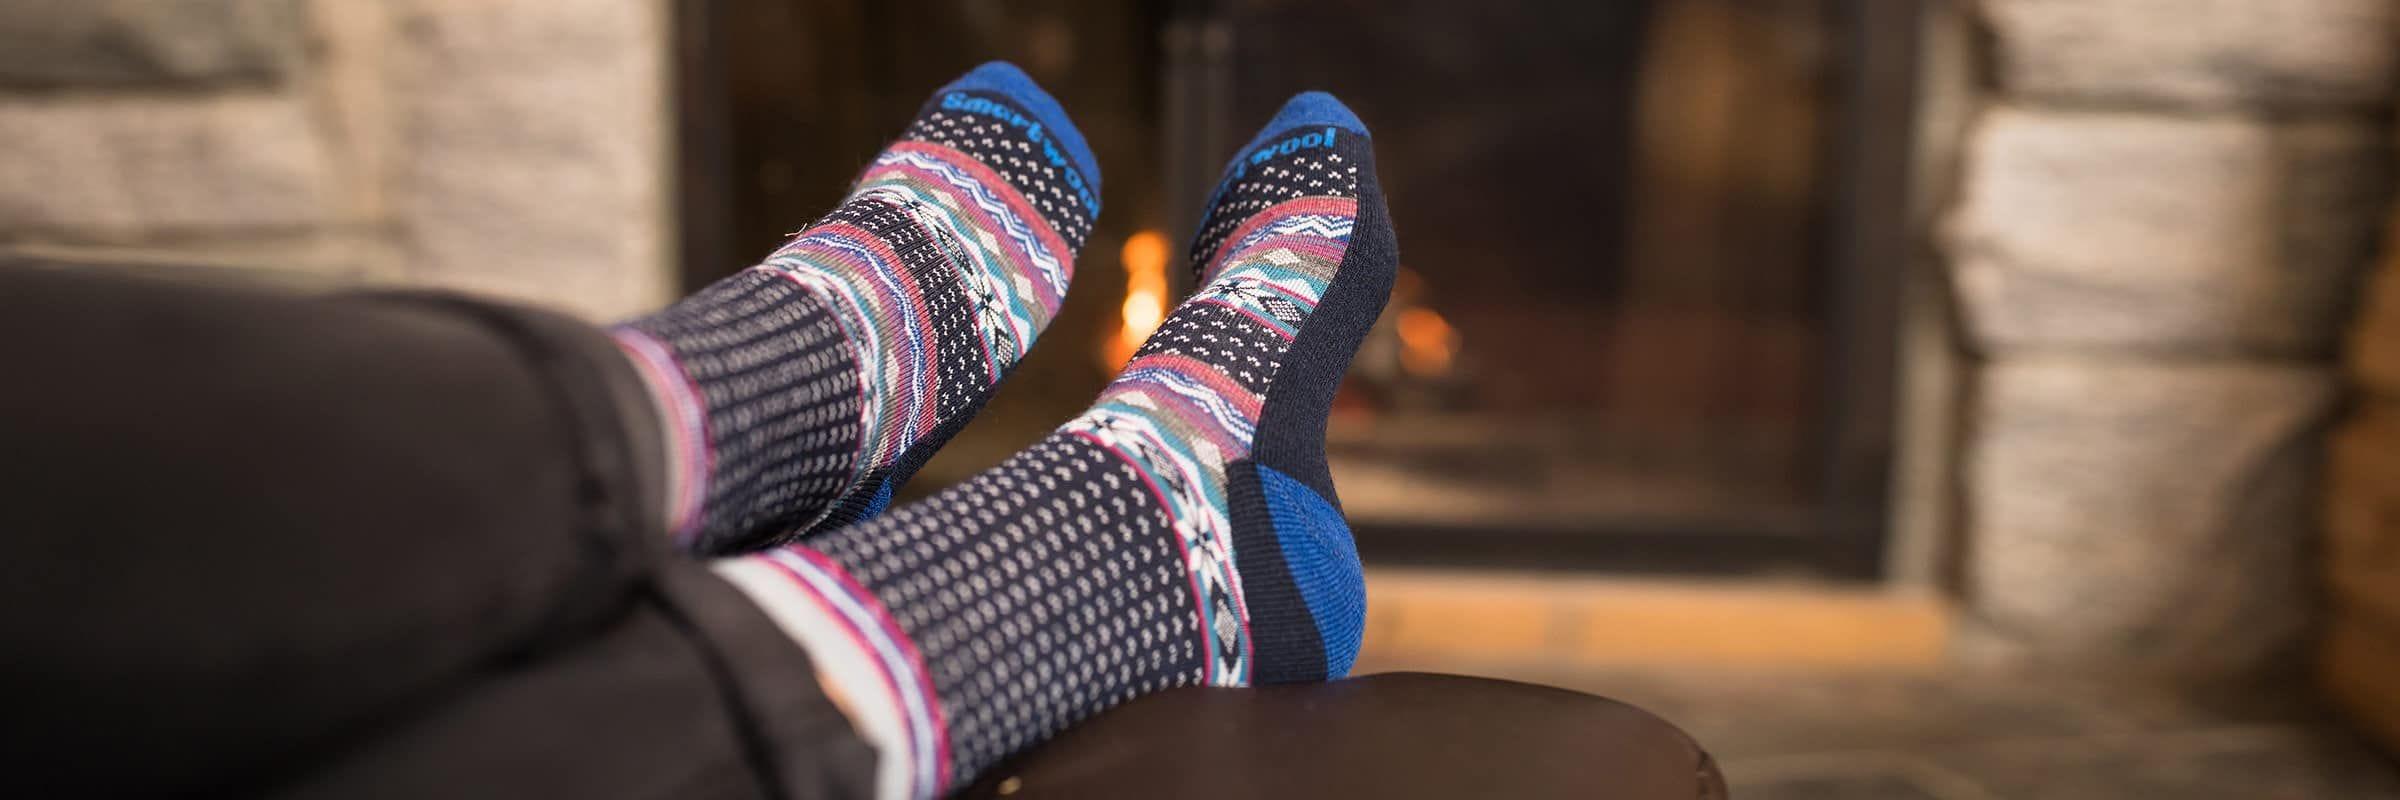 bas, chaussettes, Darn Tough, Icebreaker, idées cadeaux, stance, Wigwam. Les meilleurs cadeaux à offrir aux collectionneurs de chaussettes